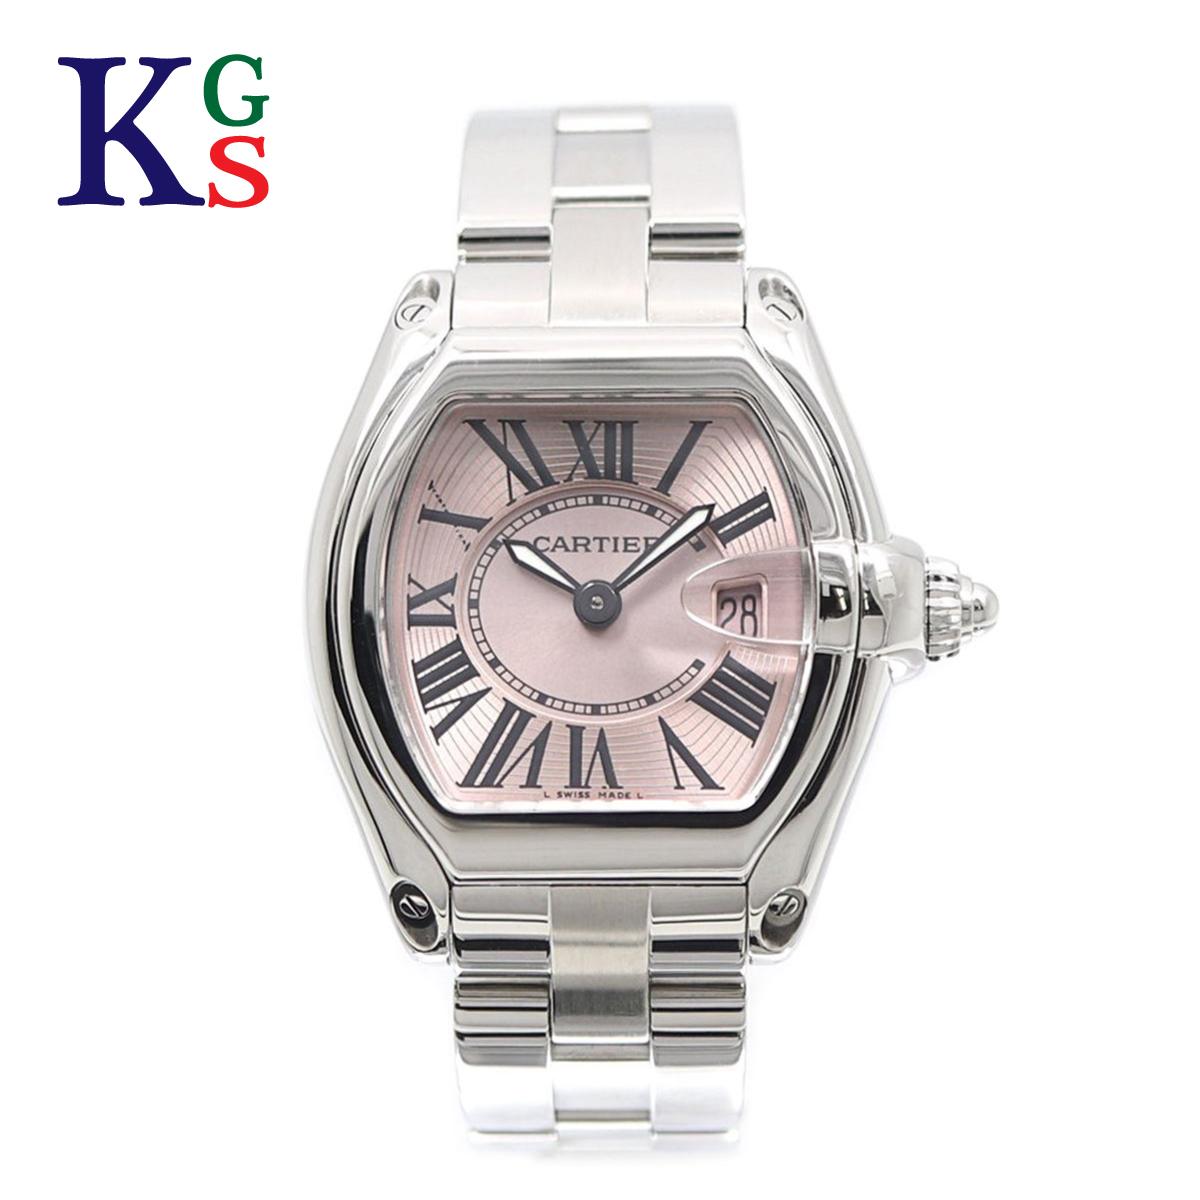 【ギフト品質】カルティエ/Cartier レディース 腕時計 ロードスターSM ピンク文字盤 ステンレススチール クオーツ W62017V3 1227